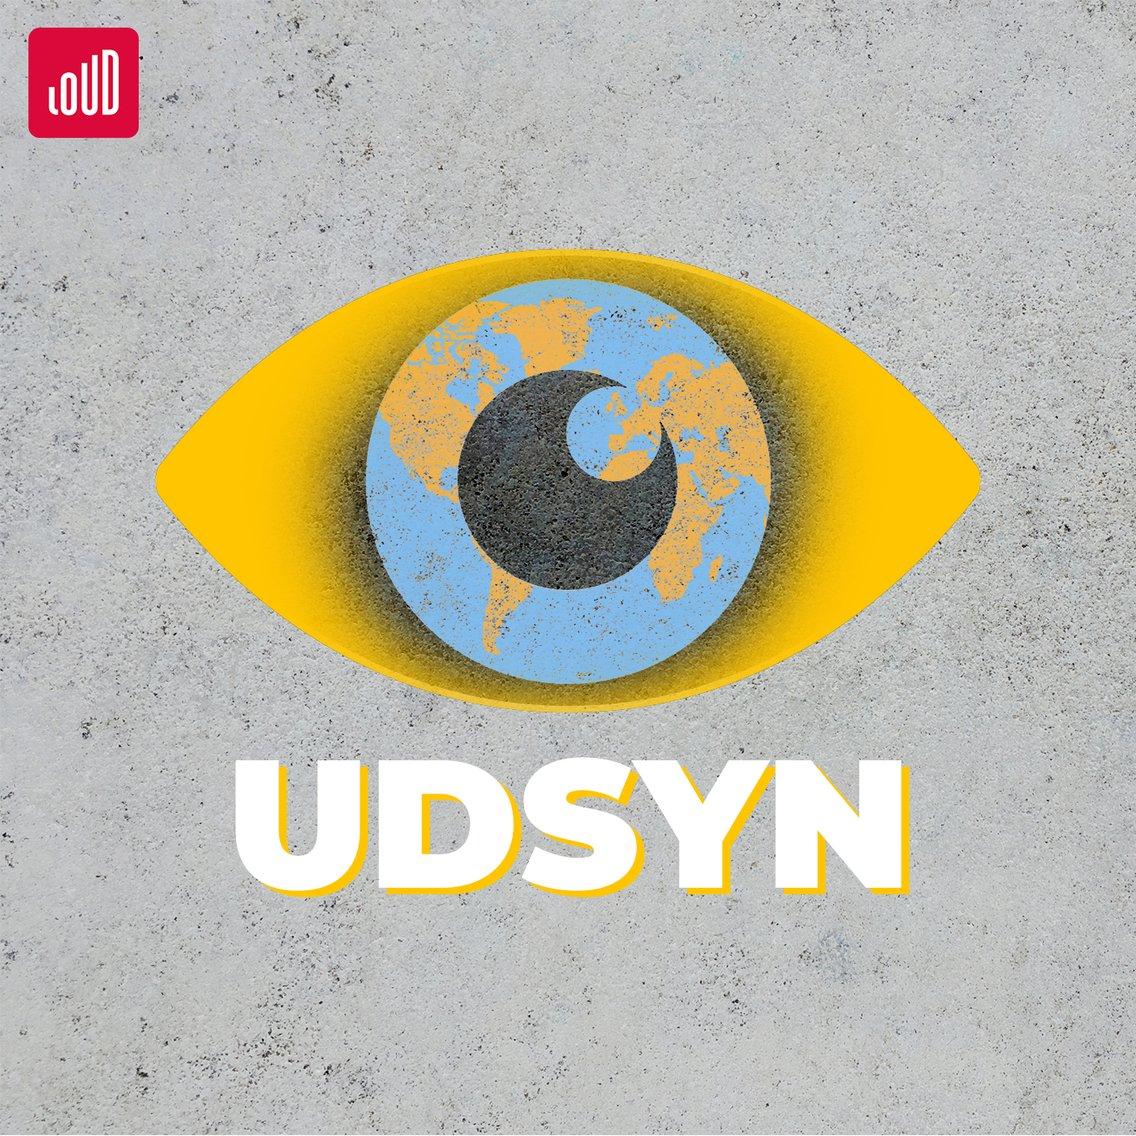 Udsyn - immagine di copertina